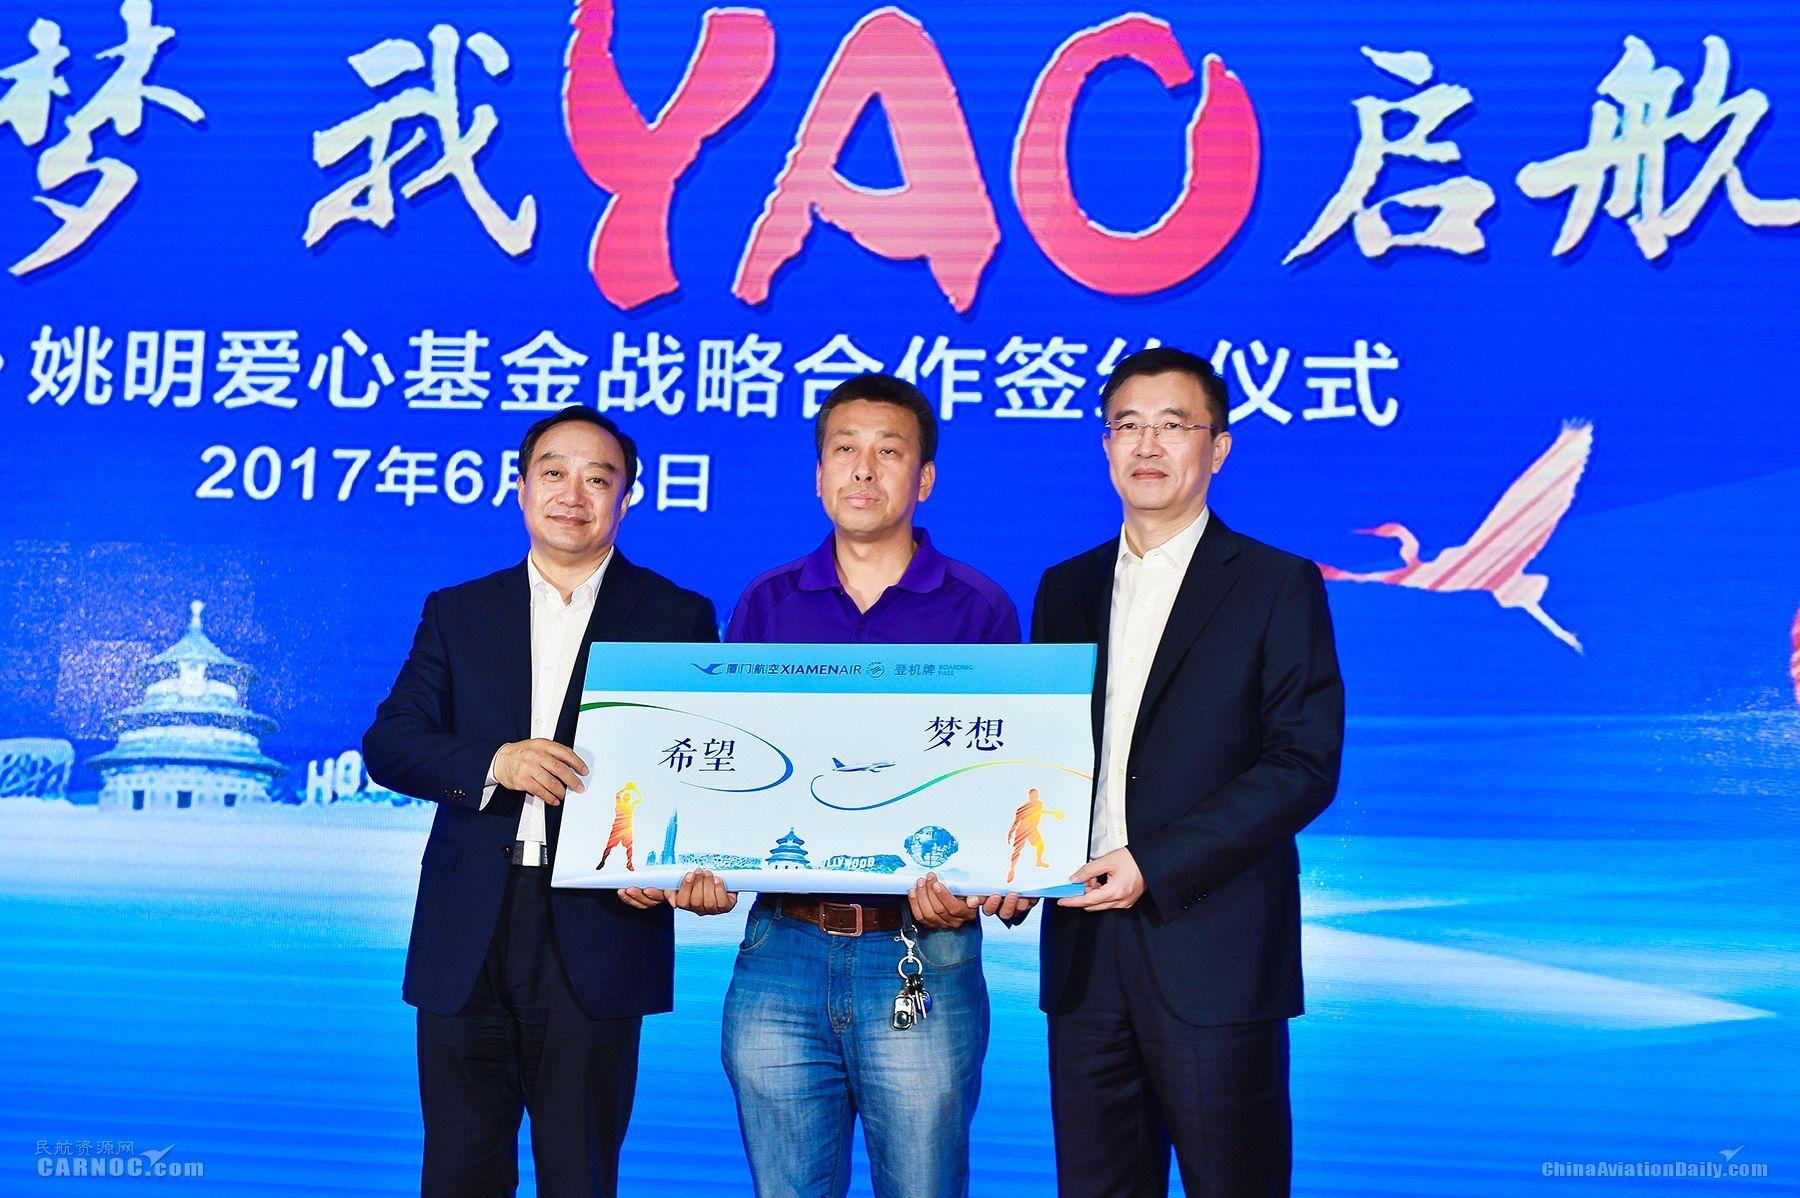 中国青少年发展基金会理事长王剑与厦航总经理助理陈立向乡村小学代表赠送机票。